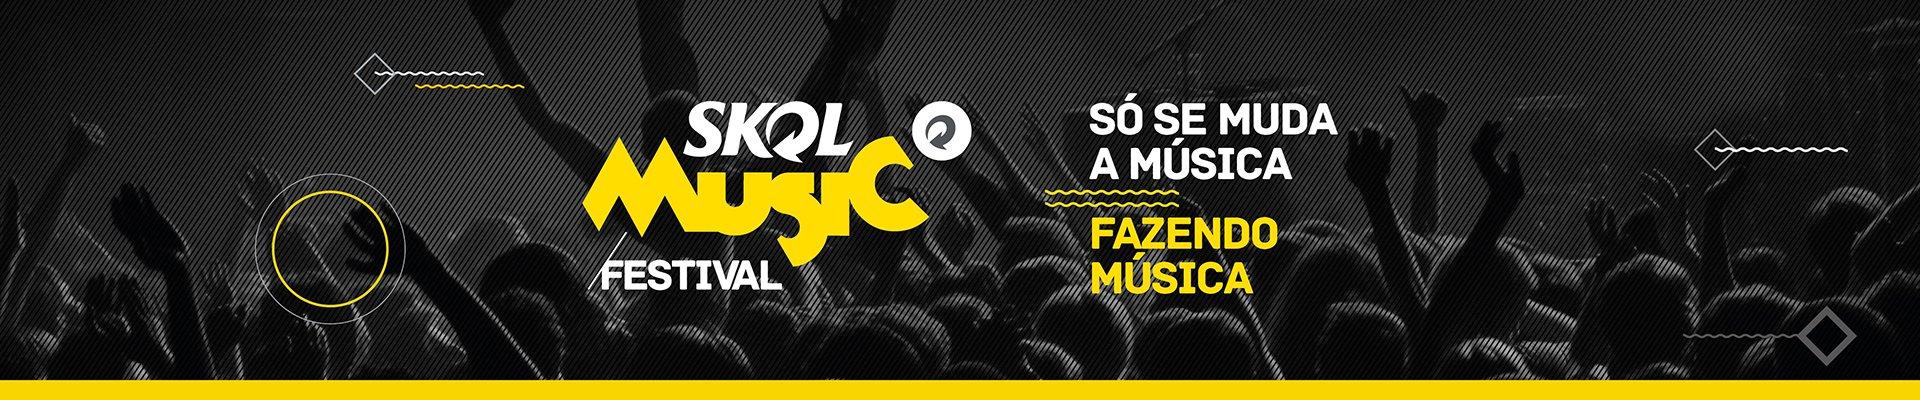 - Skol Music Festival